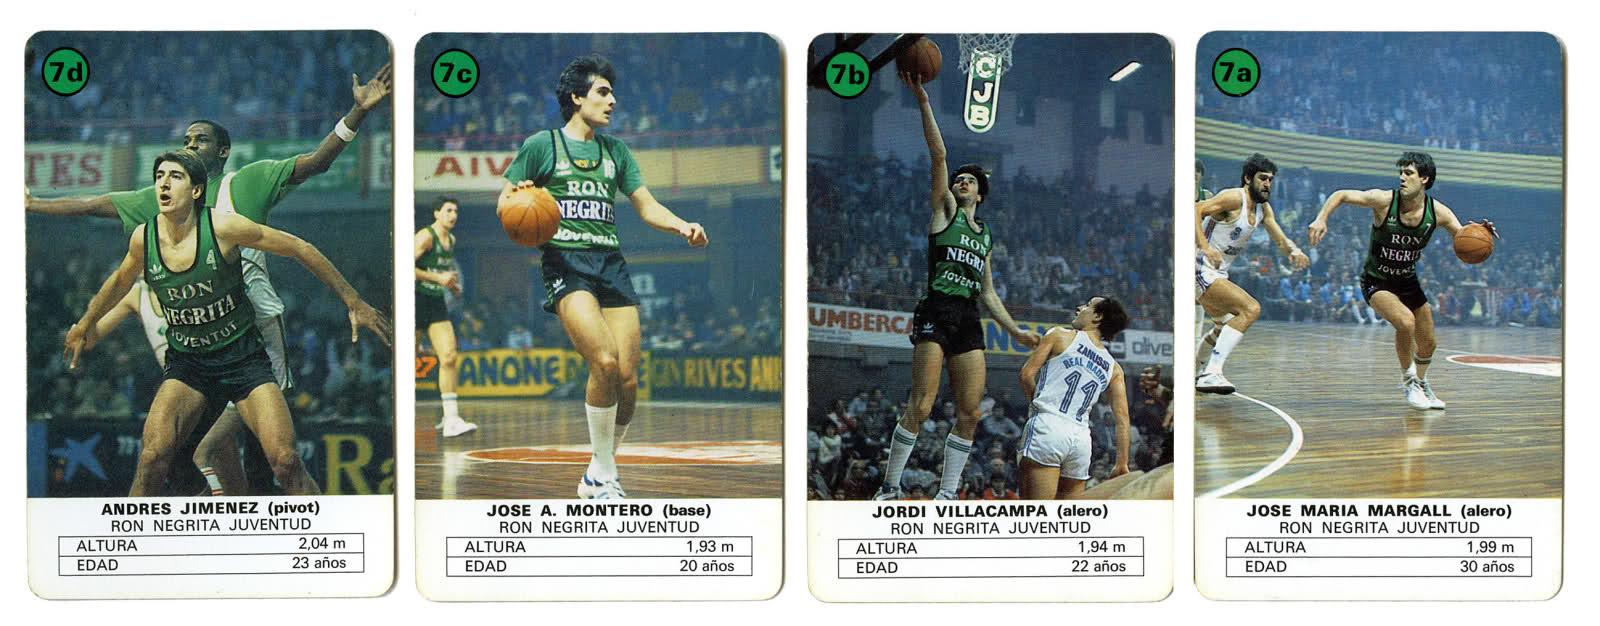 Mundial Baloncesto España 2014: El hilo de los fanáticos del basket 10fndk1